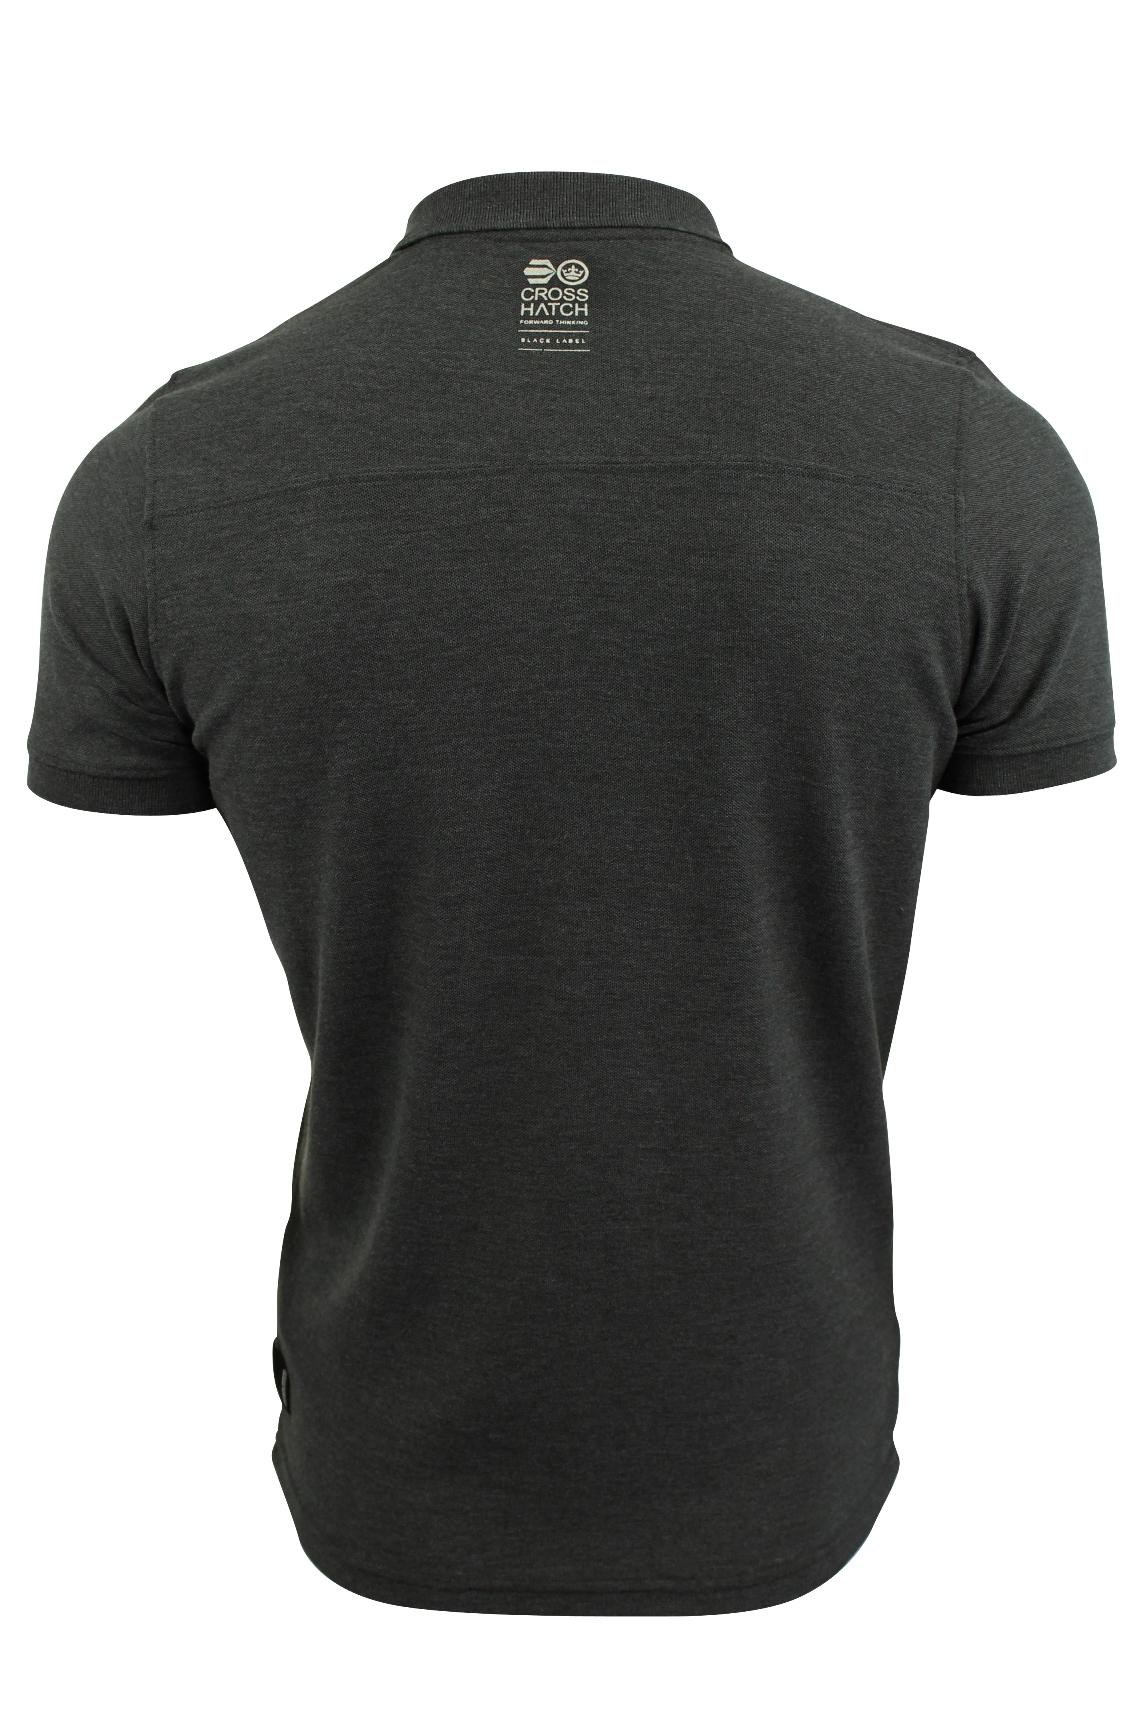 Camisa-Polo-Para-Hombre-De-Crosshatch-039-matriz-de-dos-Manga-corta-039 miniatura 5